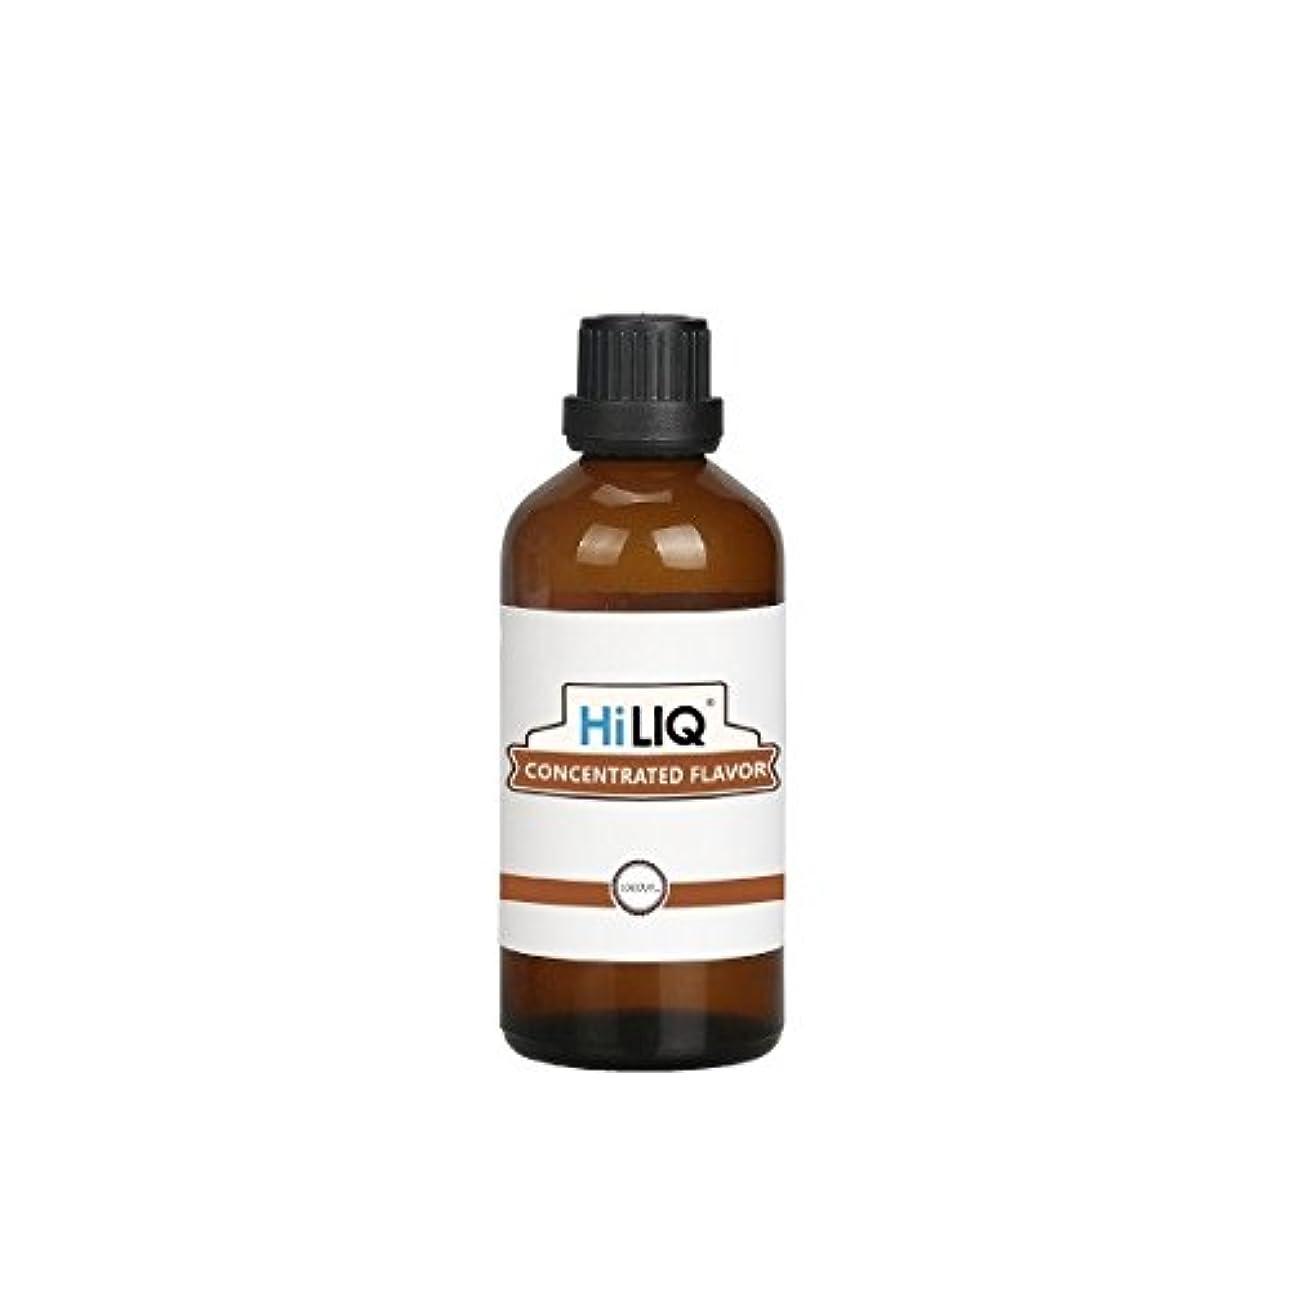 コットン気がついて立証するHILIQ DIY 電子タバコリキッド 香料原液 ミックス系 Double Apple,100ML